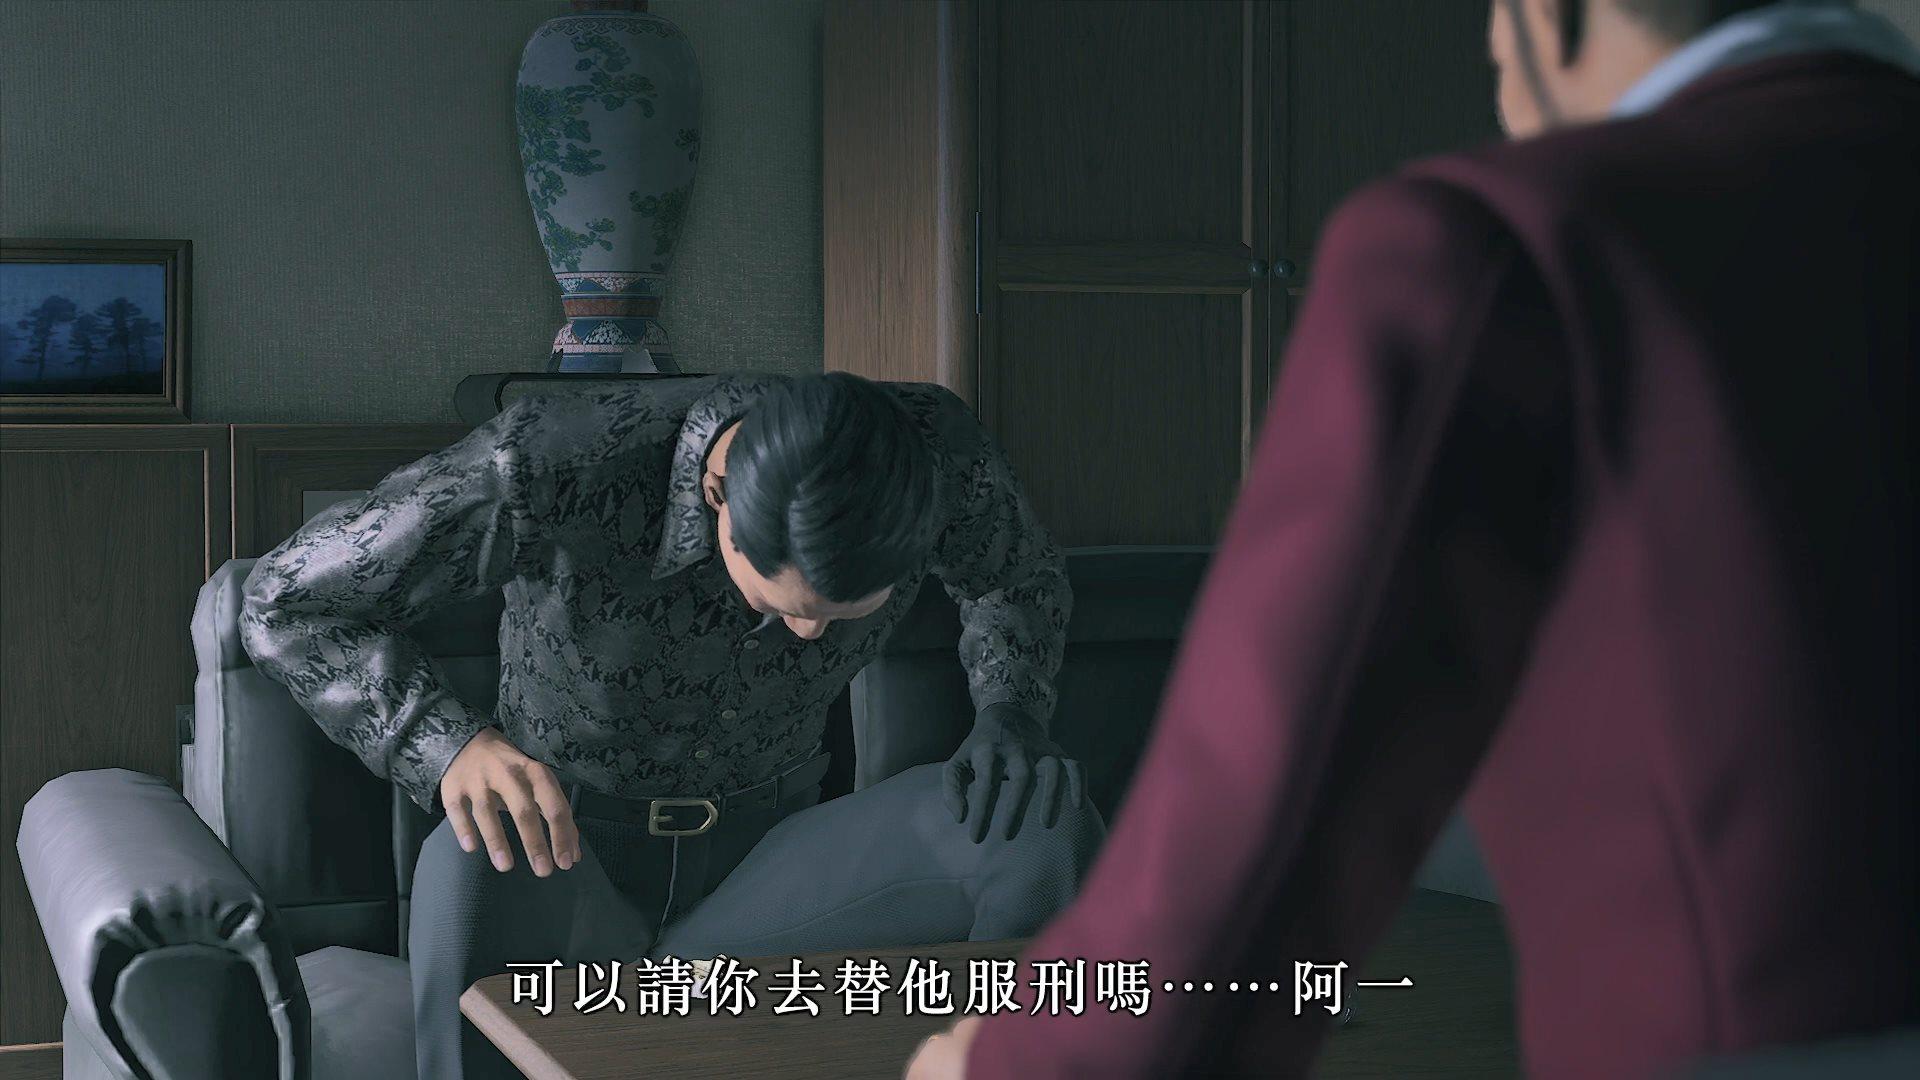 <b>代人服刑反遭恶报 《如龙7》中文版发表预告</b>